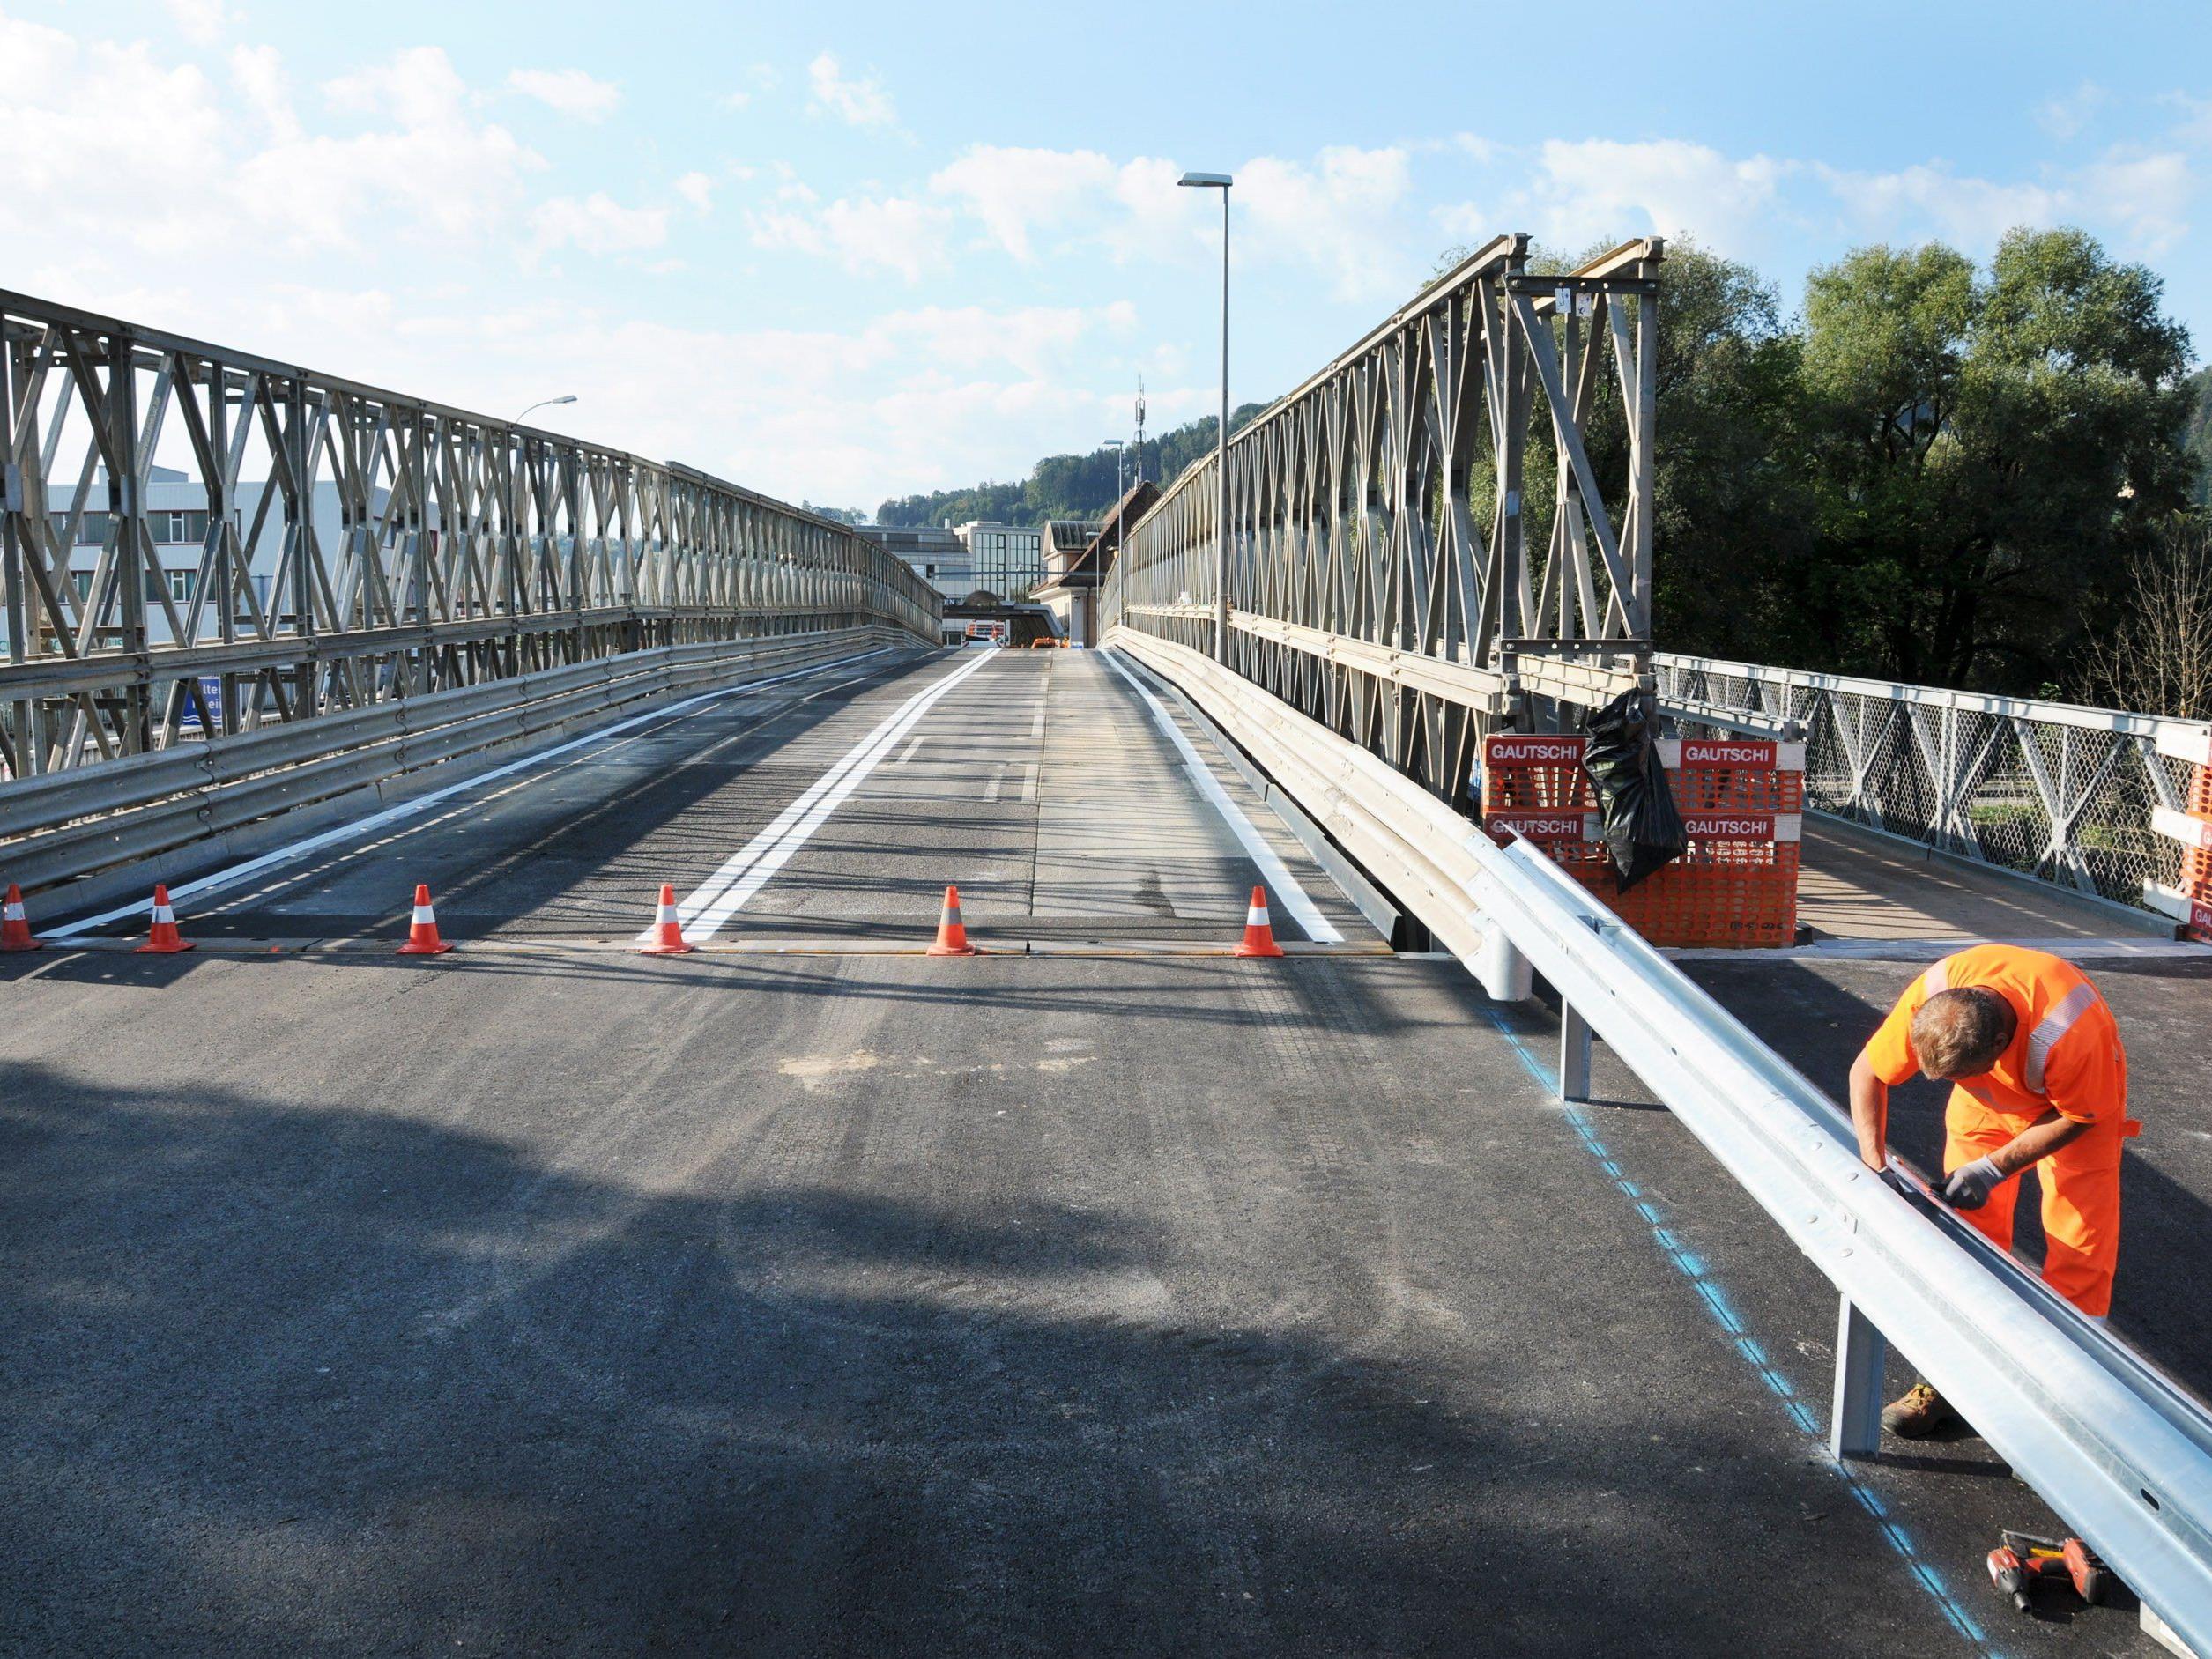 Die Ersatzbrücke ist beinahe fertig, ab der kommenden Woche rollt der Grenzverkehr darüber.